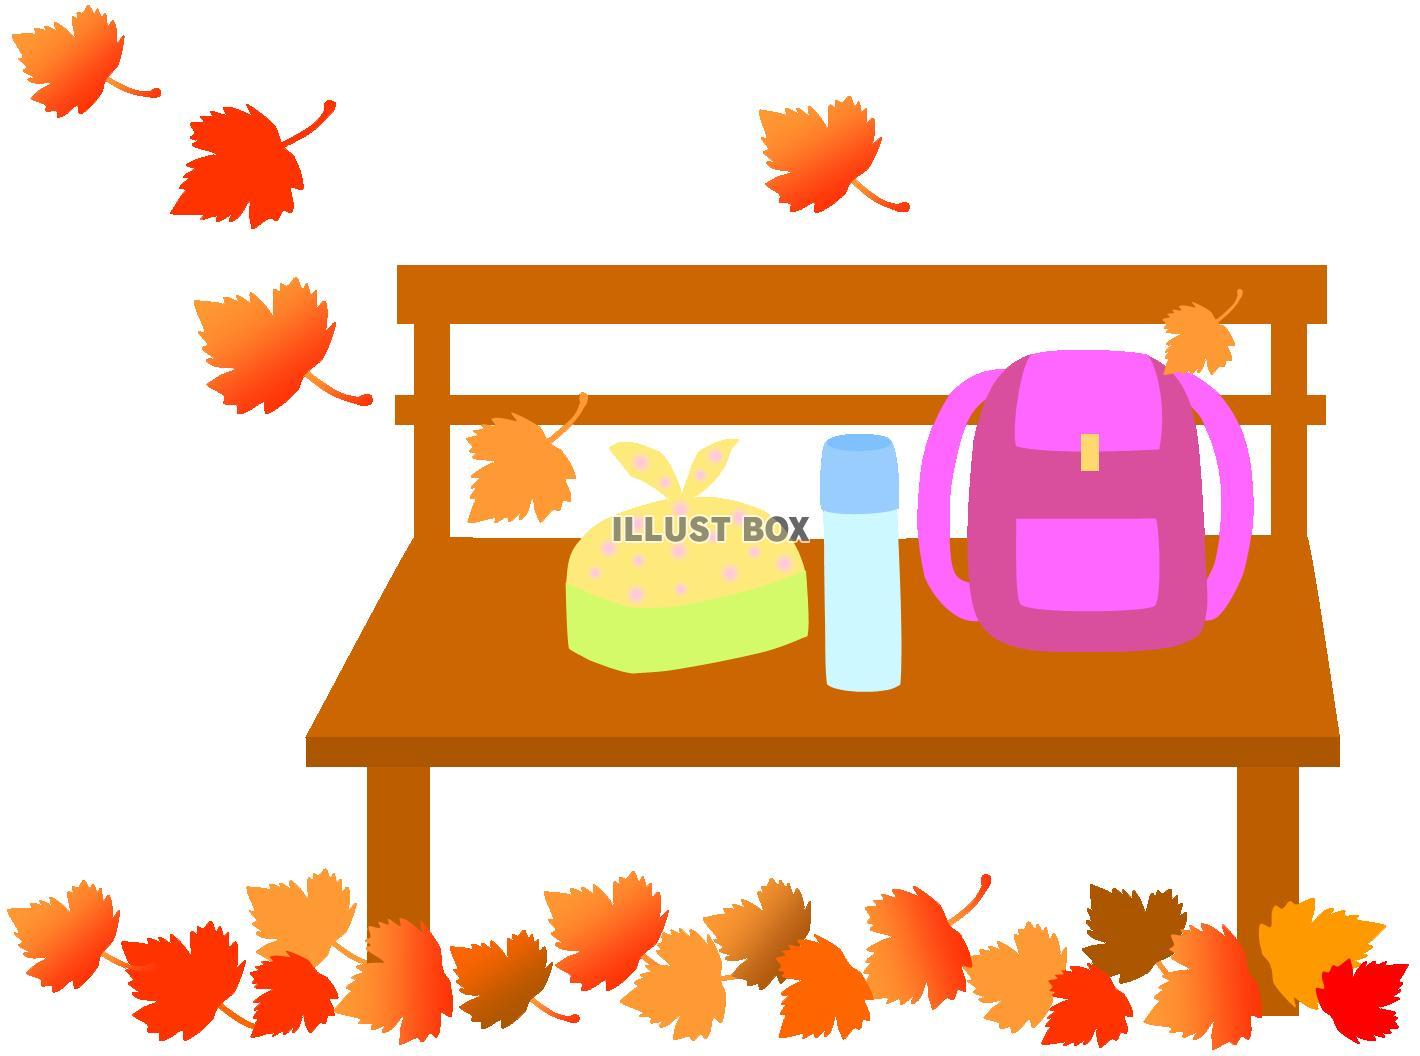 無料イラスト 秋のベンチとお弁当(遠足、行楽、紅葉、落ち葉